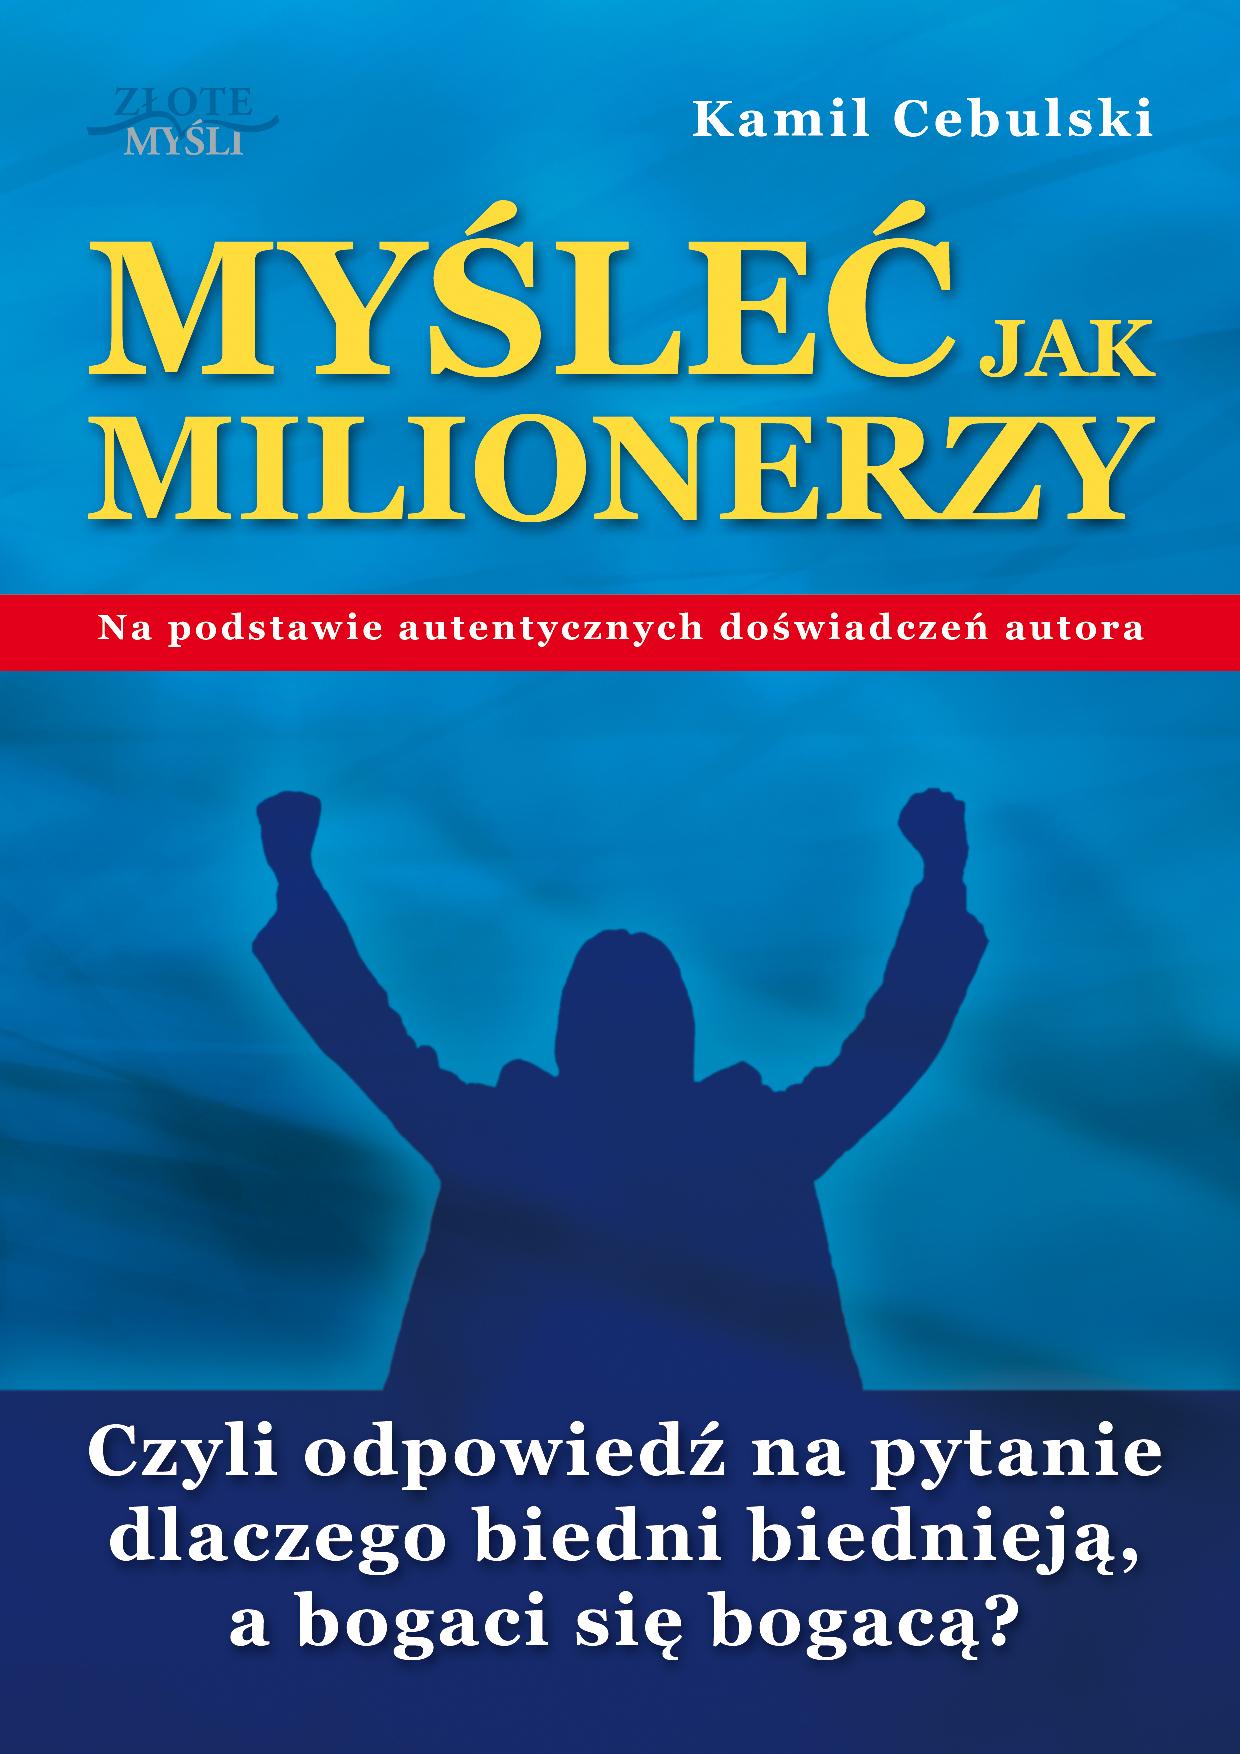 Kamil Cebulski: Myśleć Jak Milionerzy - okładka